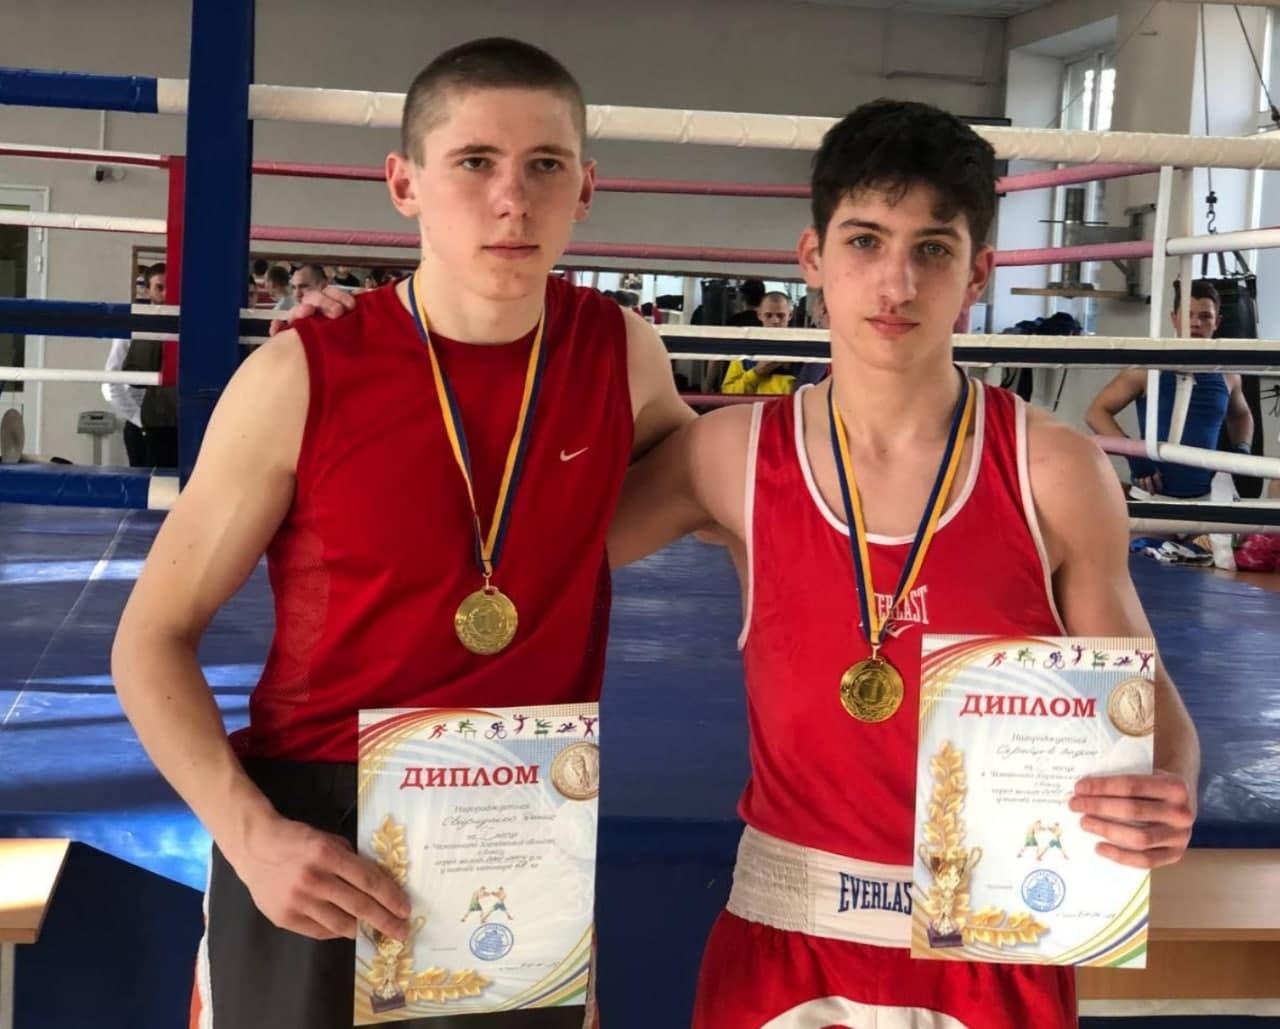 Студент кафедри ПЕЕА ХНУРЕ став переможцем в Чемпіонаті з боксу